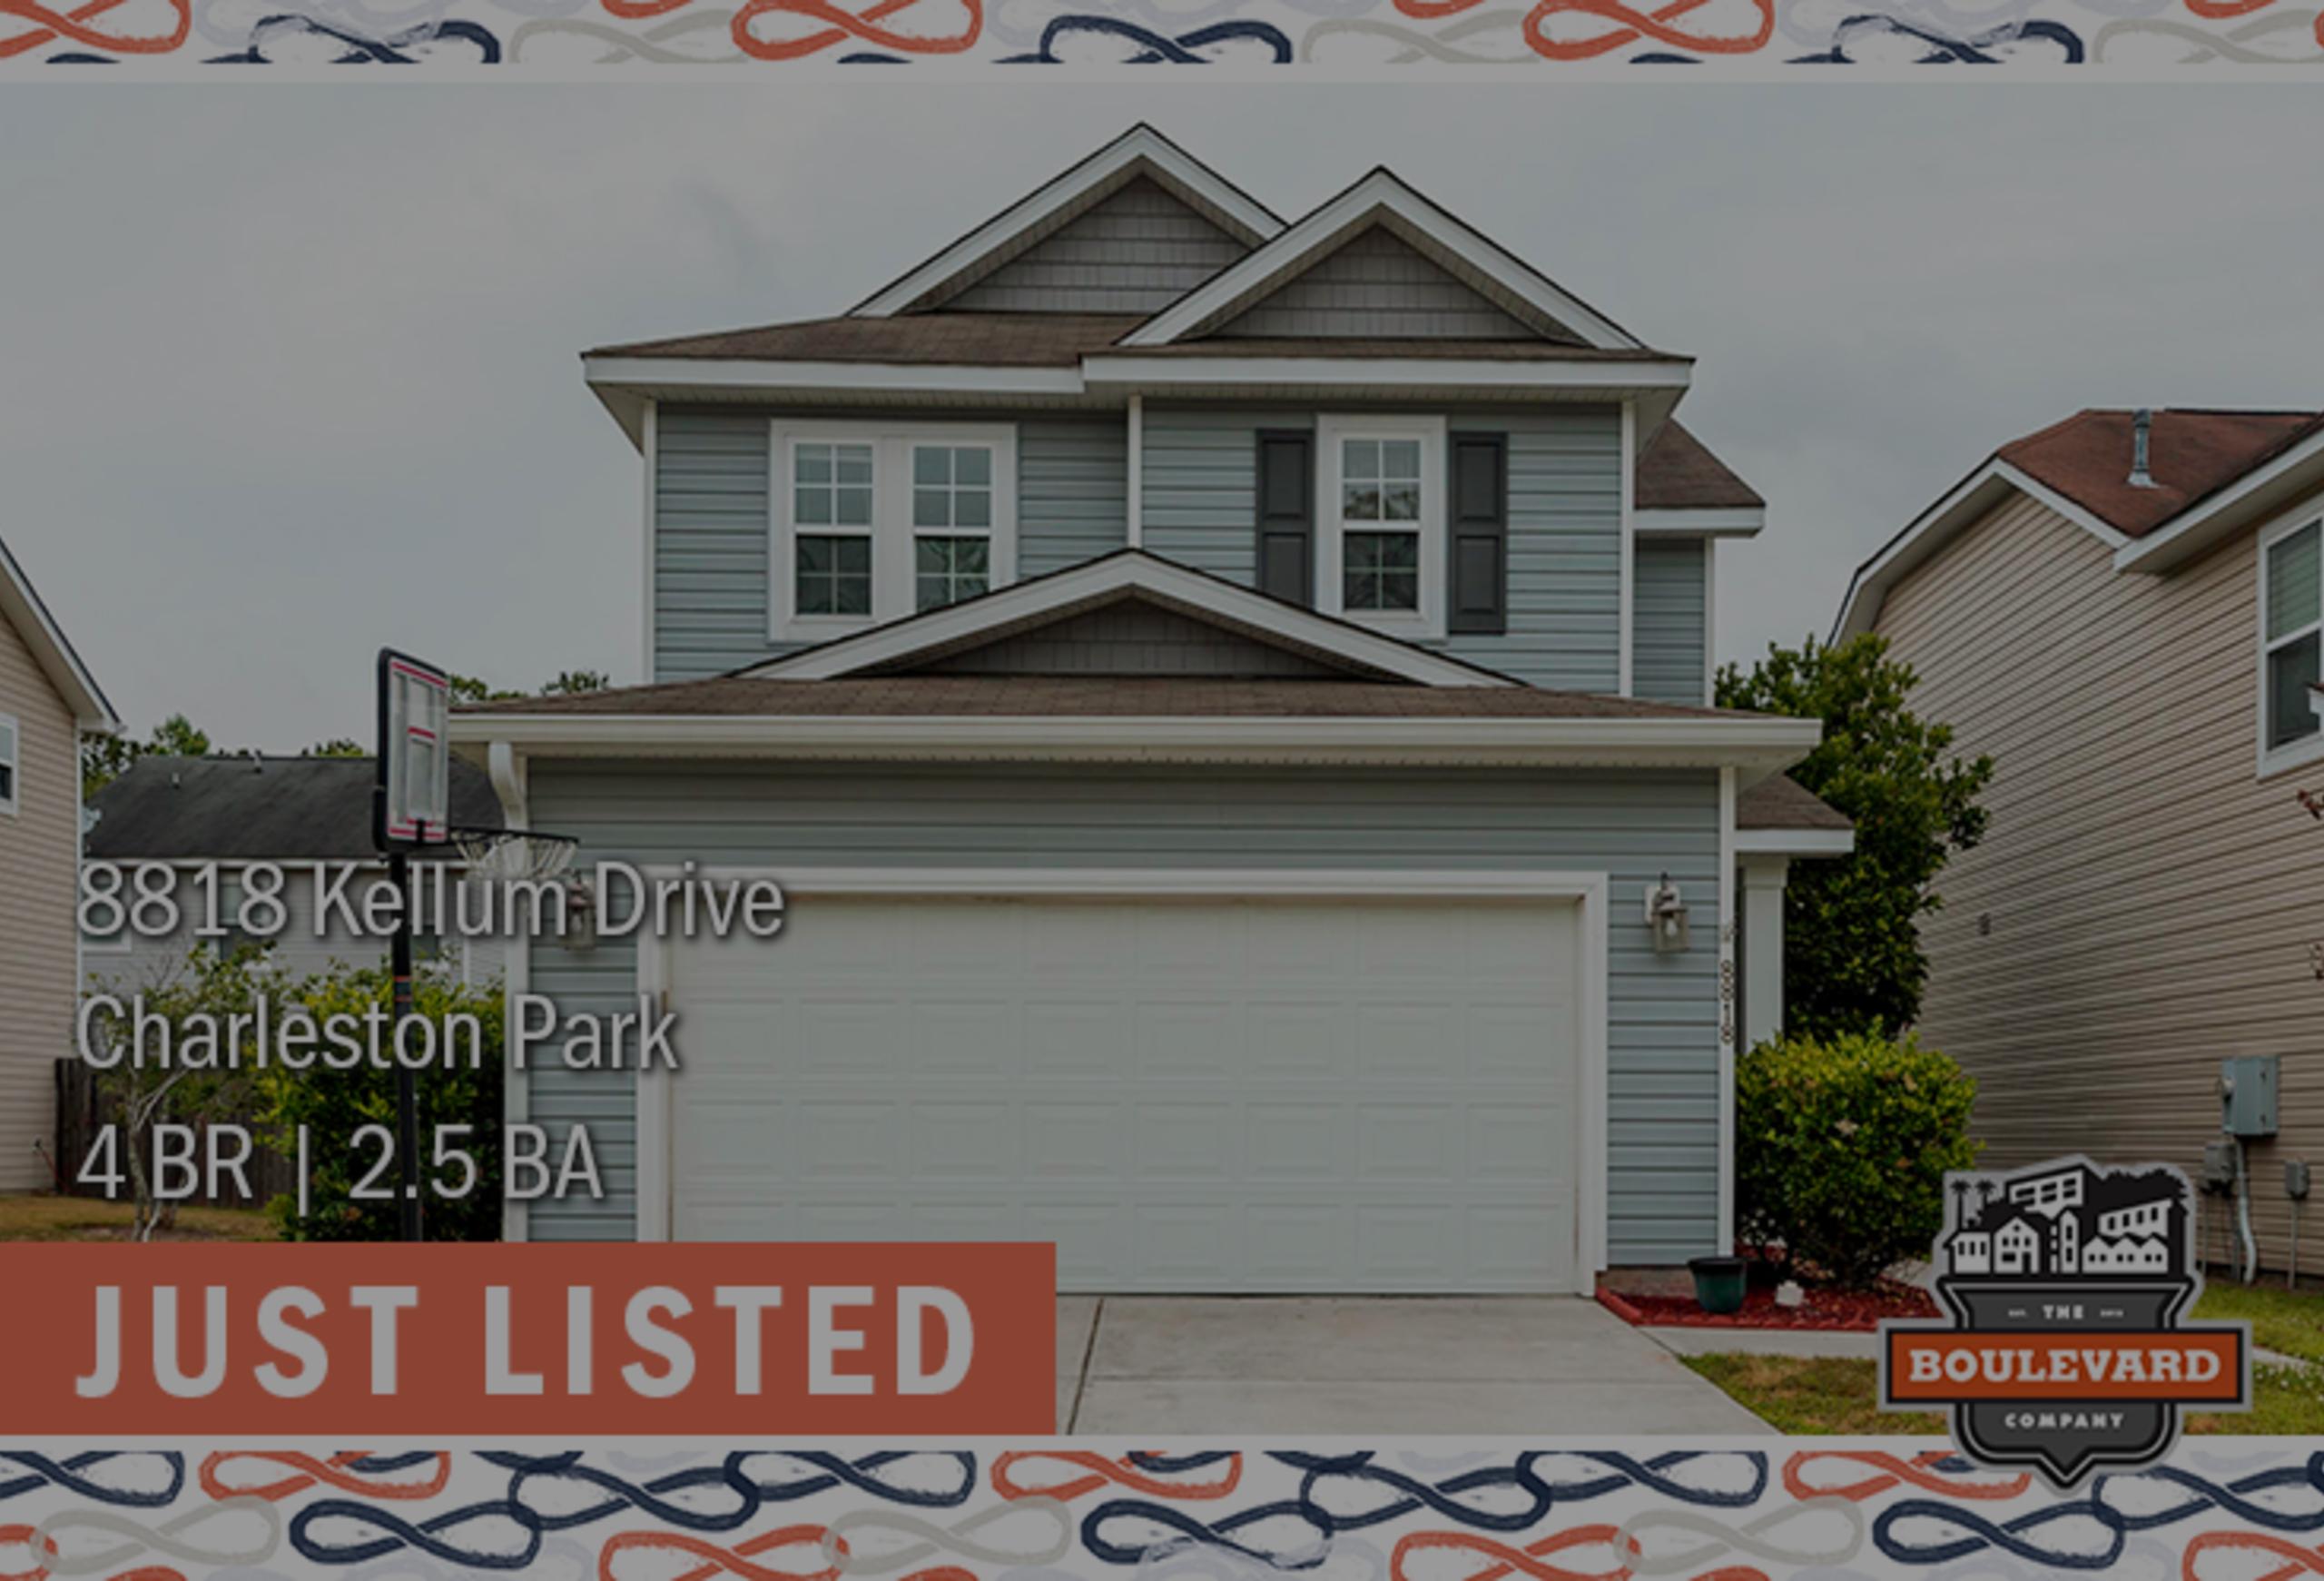 new listing: 8818 Kellum Drive in North Charleston